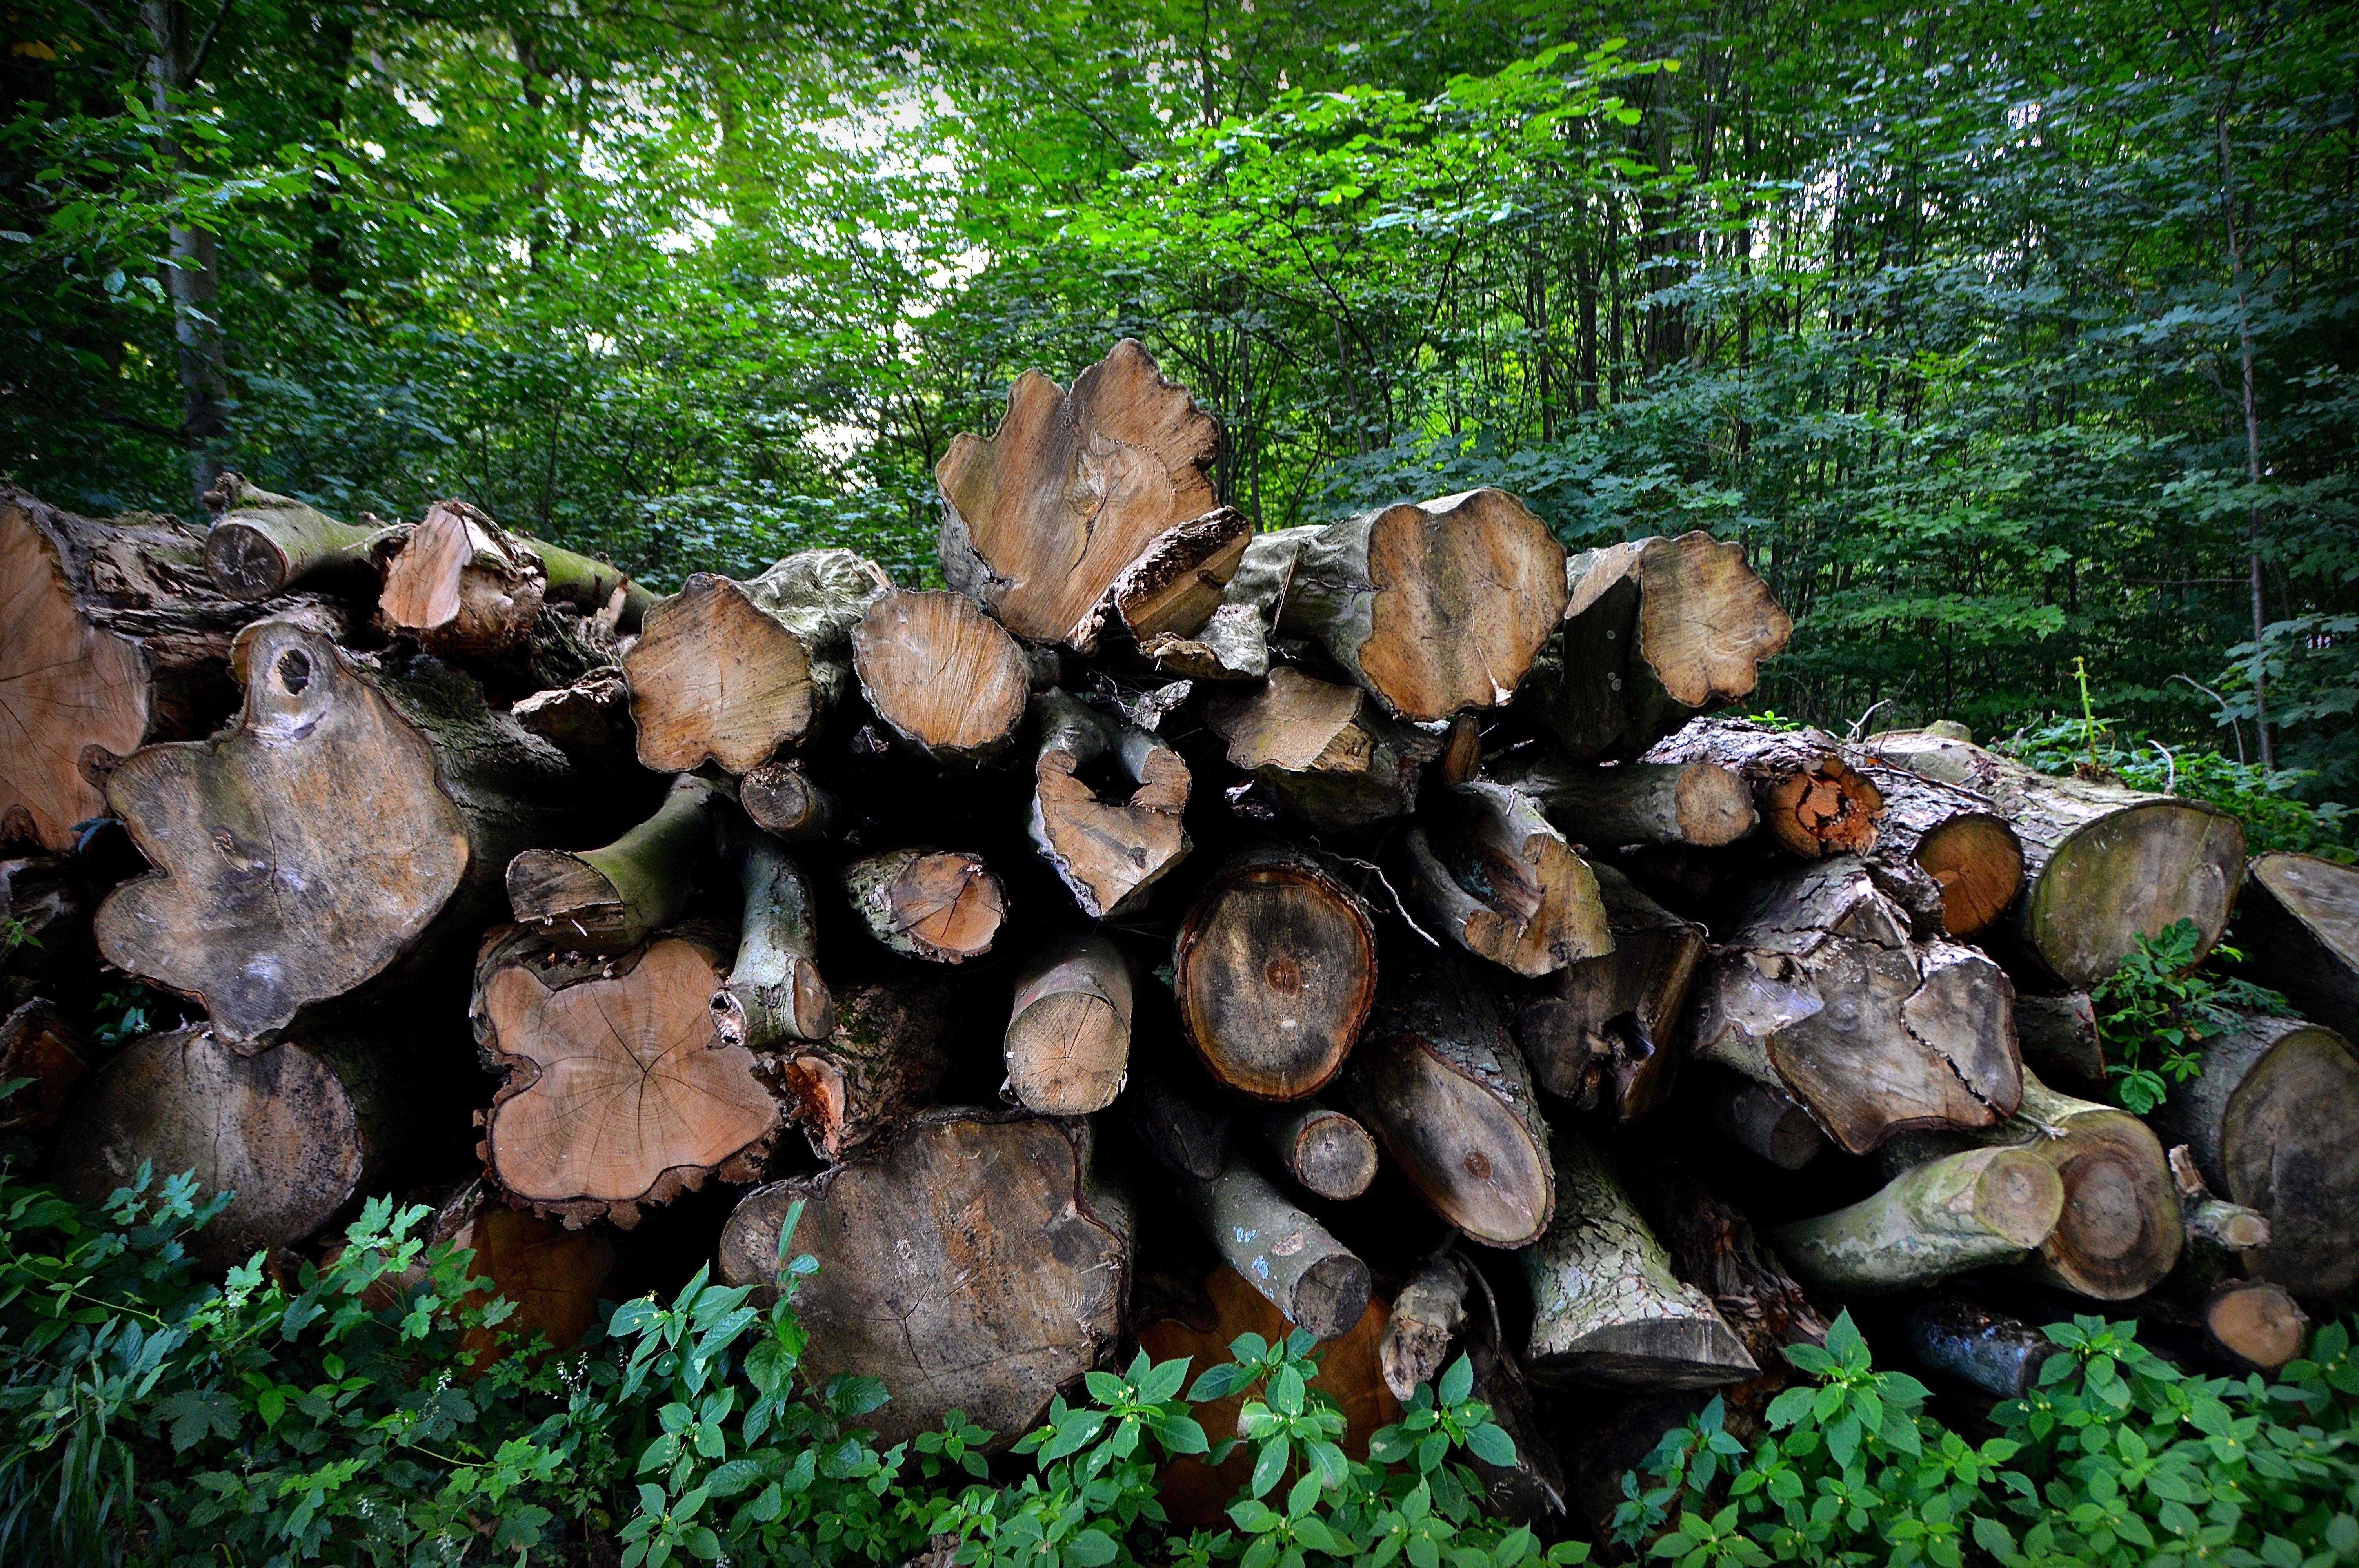 images gratuites arbre la nature roche feuille tronc b che vert jungle bouleau l. Black Bedroom Furniture Sets. Home Design Ideas